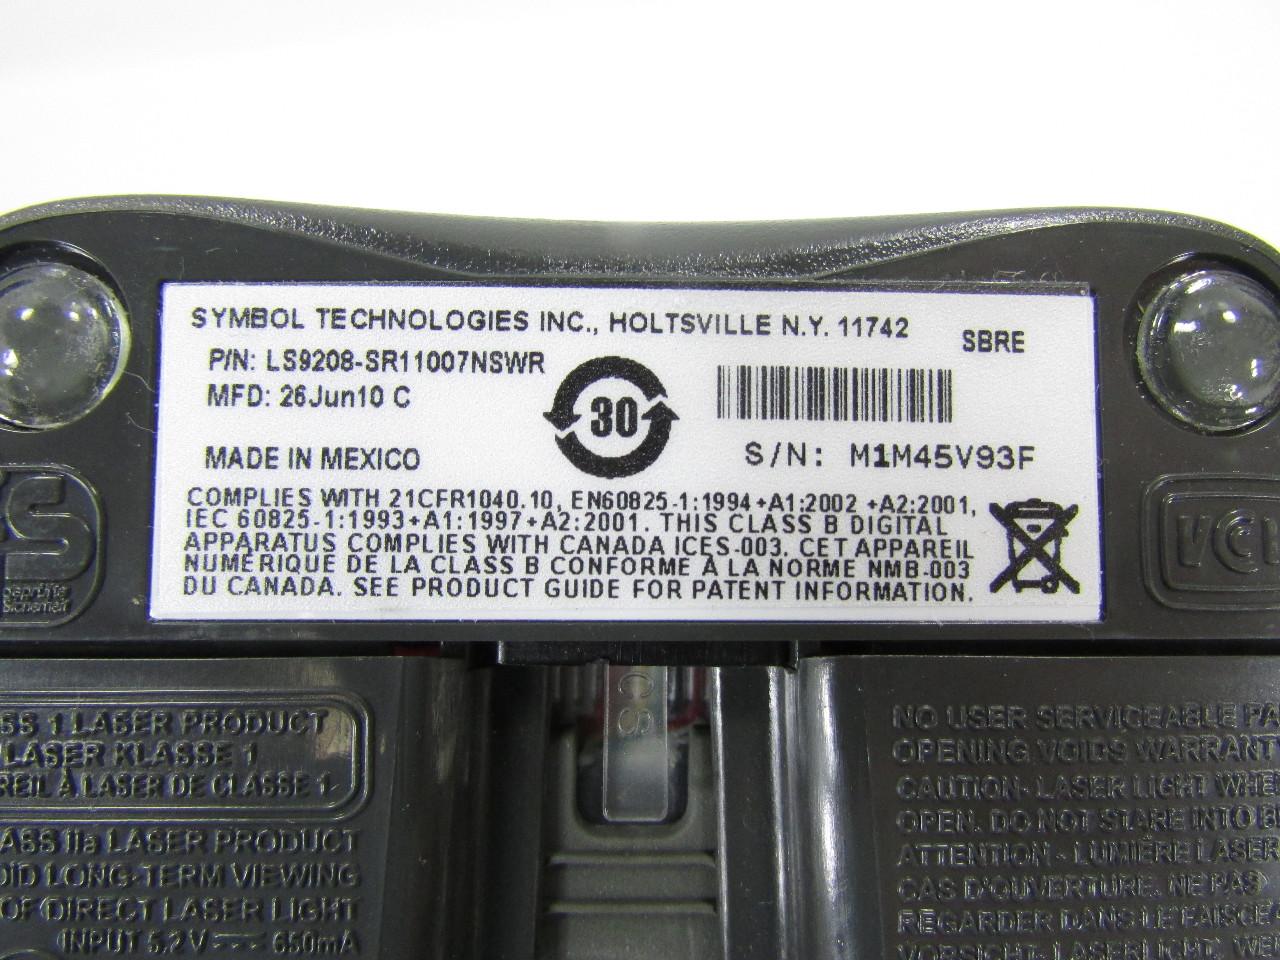 Symbol Ls9208 Sr11007nswr Barcode Scanner W Cradle Premier